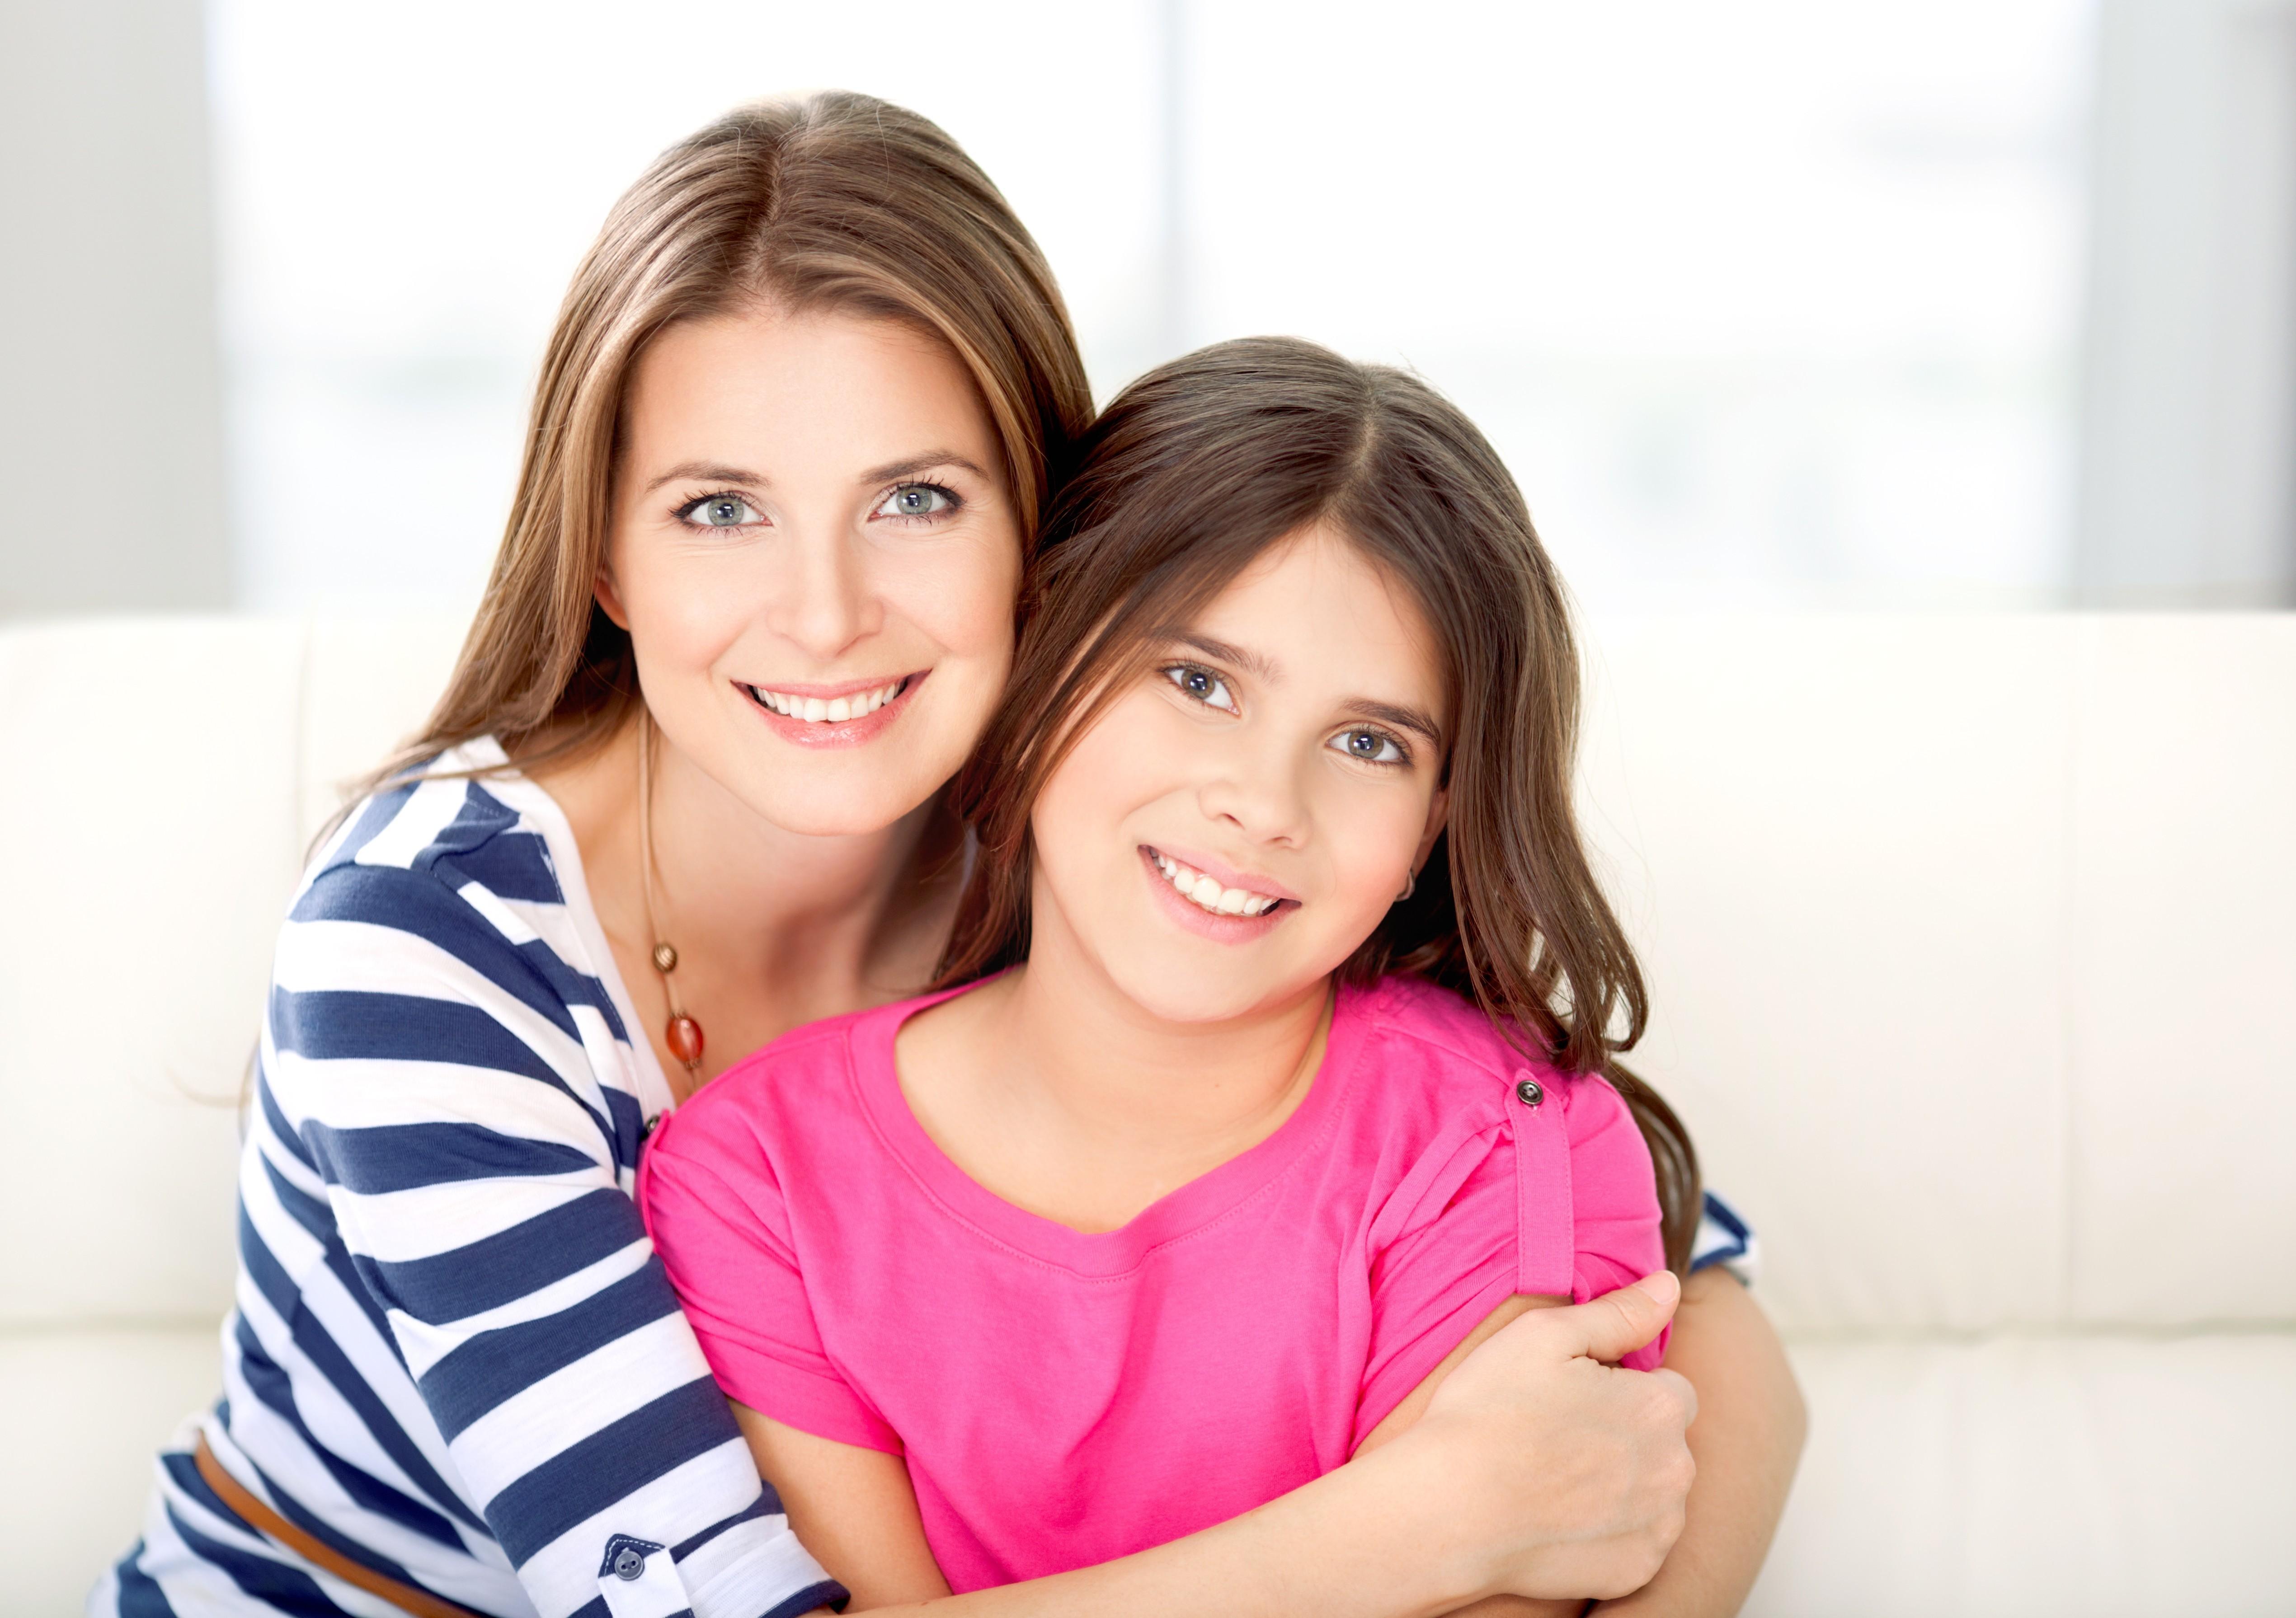 Обследования, которые обязательны для проведения вакцинации